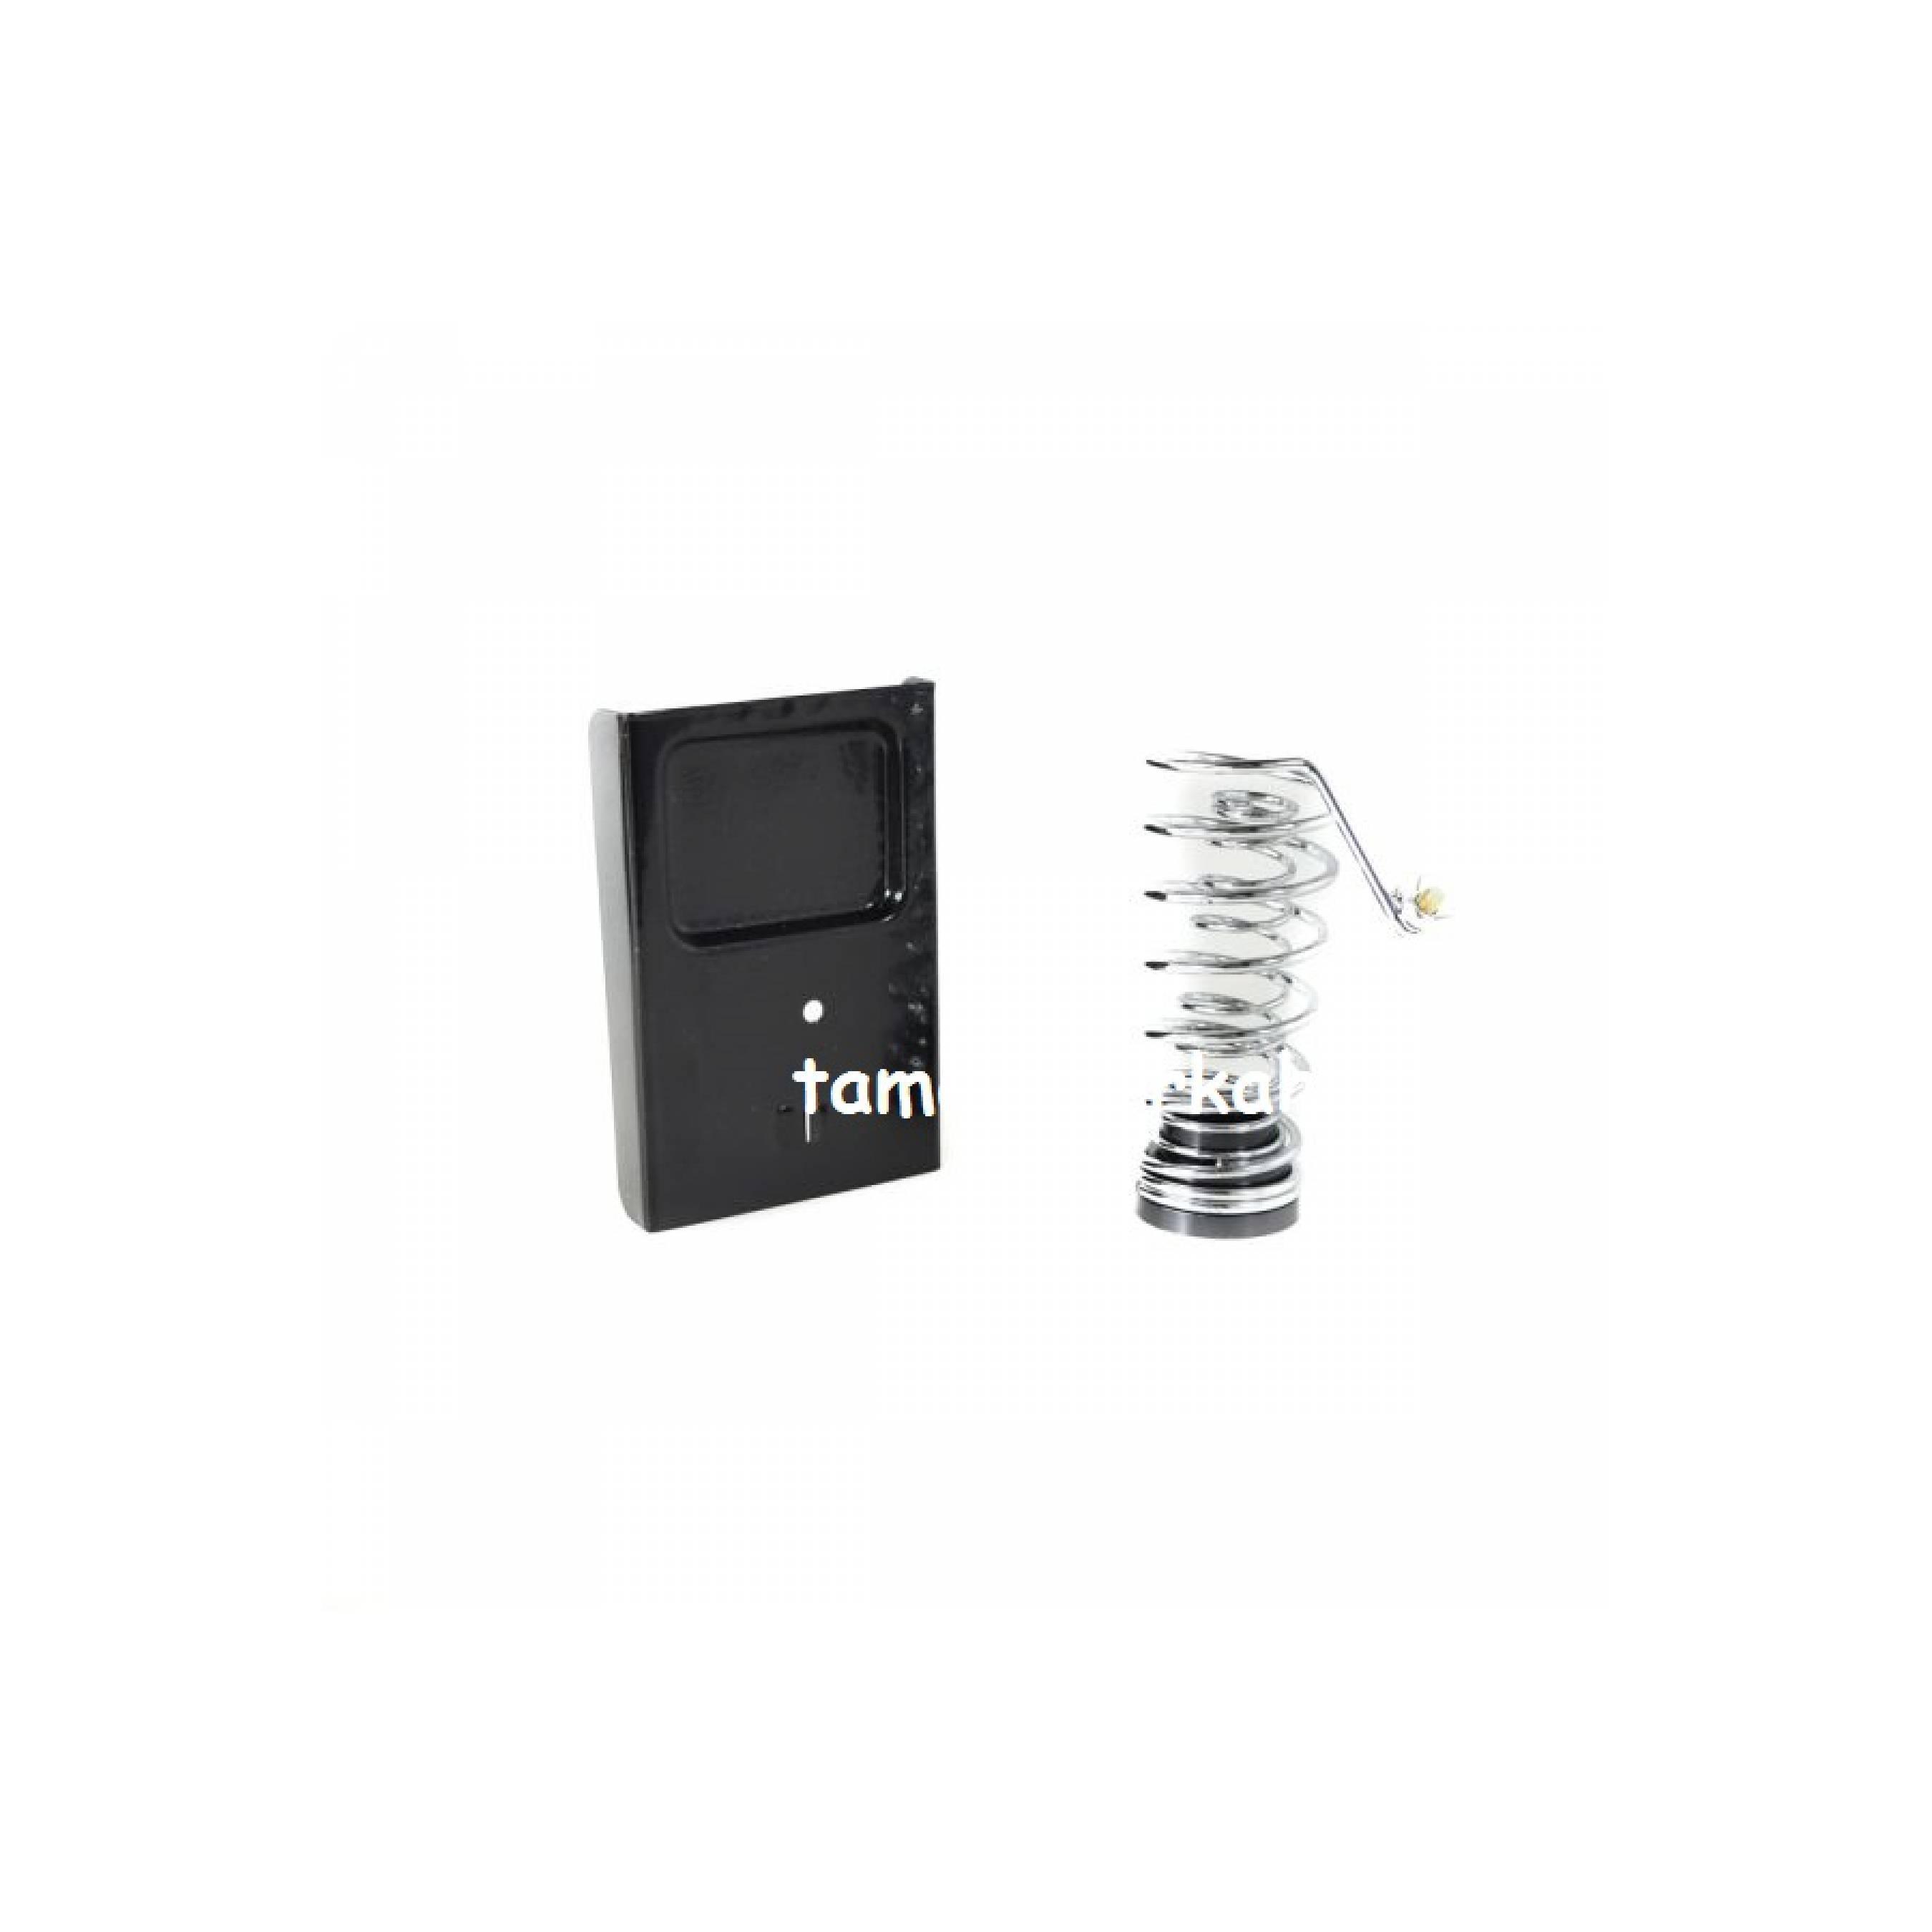 Eelic Sor 80w7sp Solder Transparan 80 Watt Pasta Daftar Stand Bulat Besi Dudukan Tempat Naruh Sol Krisbow